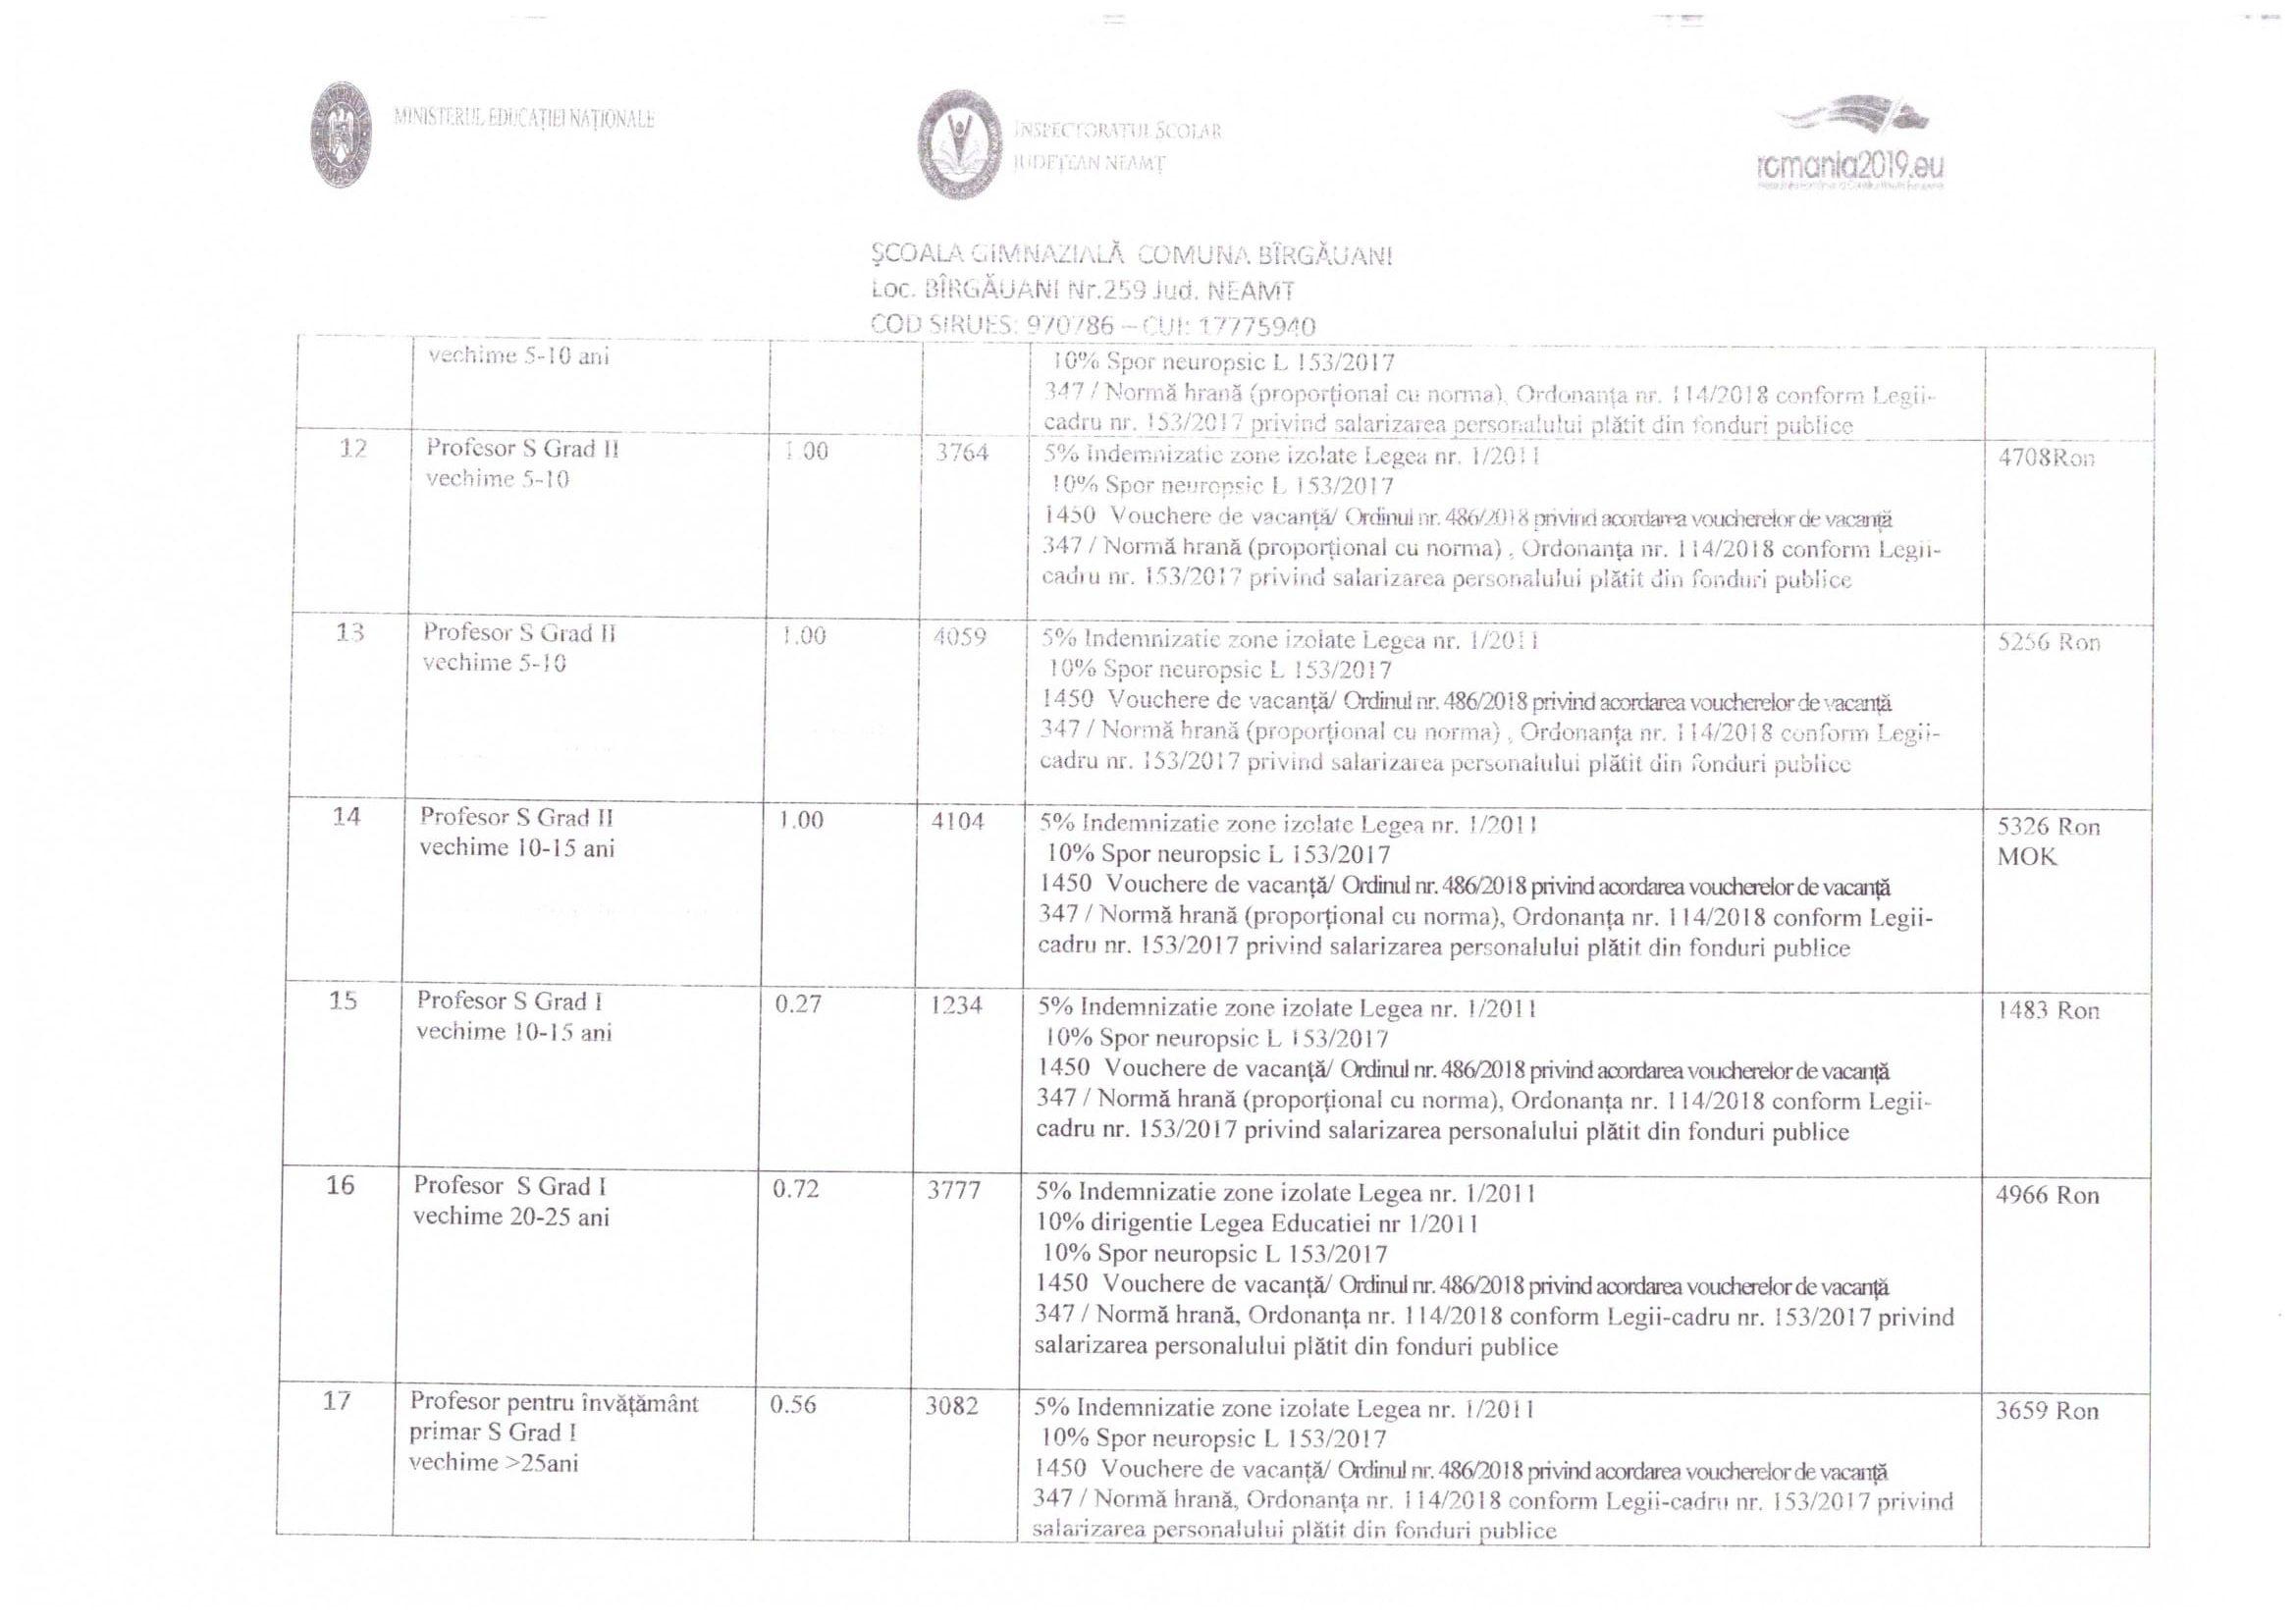 baza-legala-dispozitii-art-33-din-legea-nr-153-din-2017-3